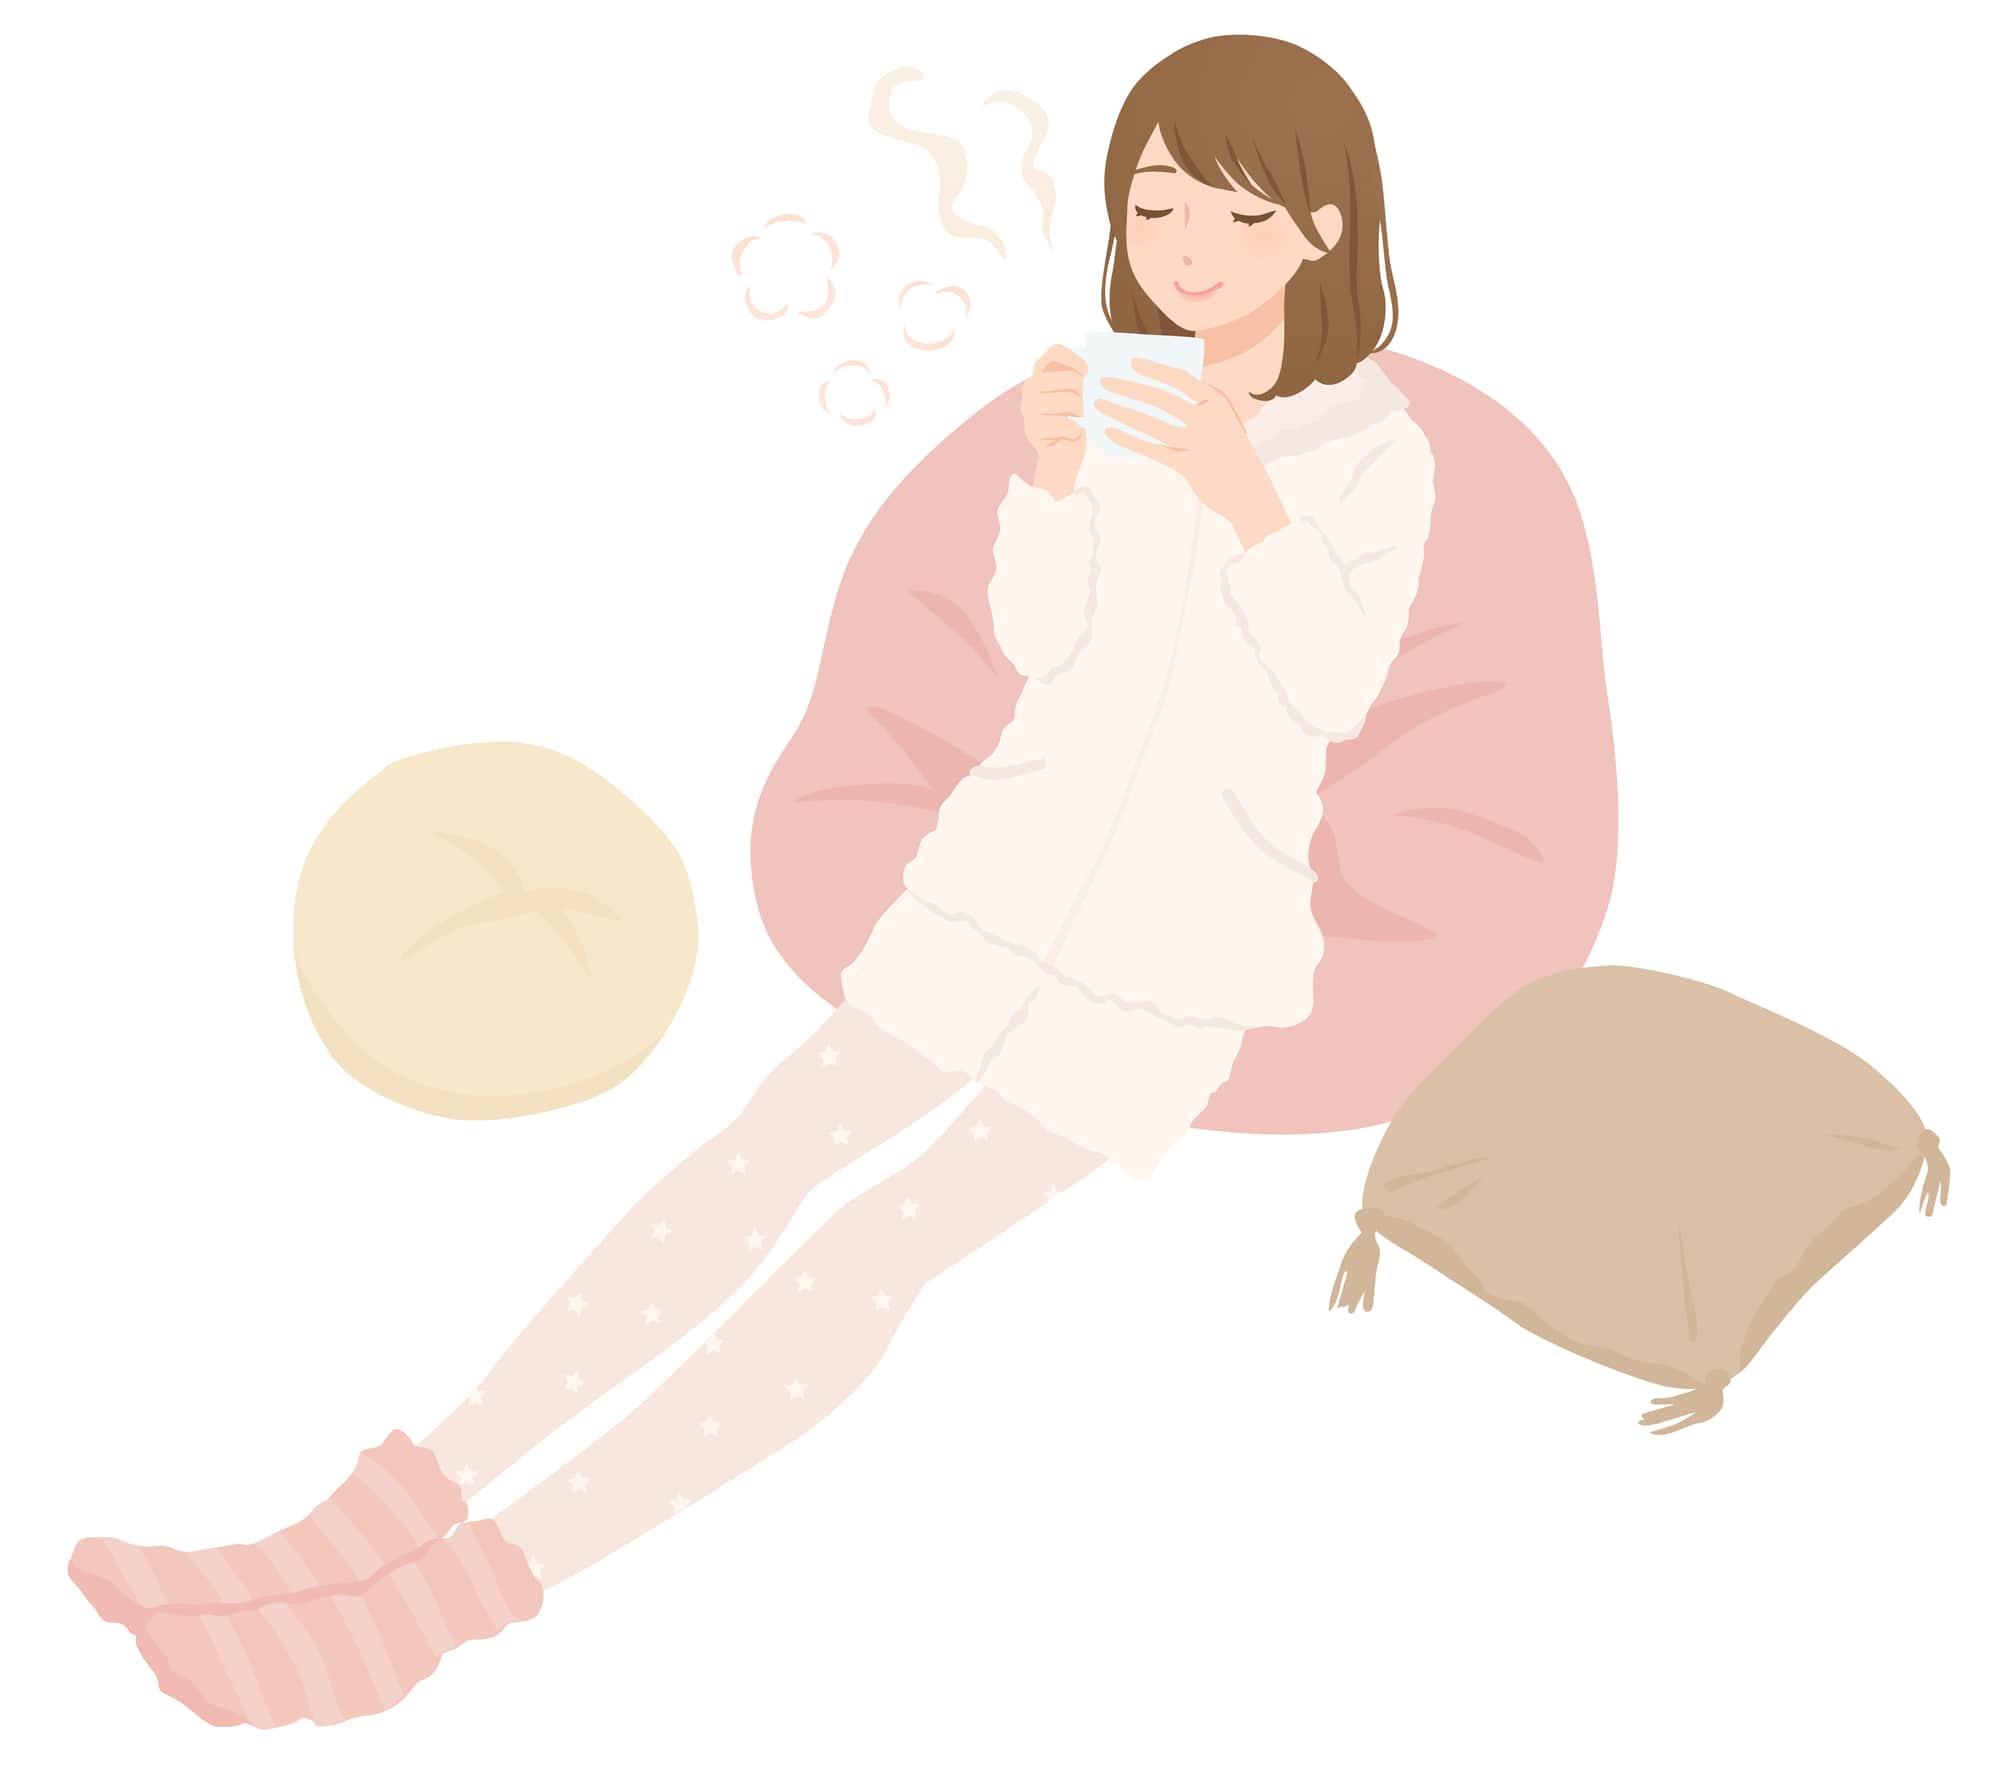 暖かい 暮らし